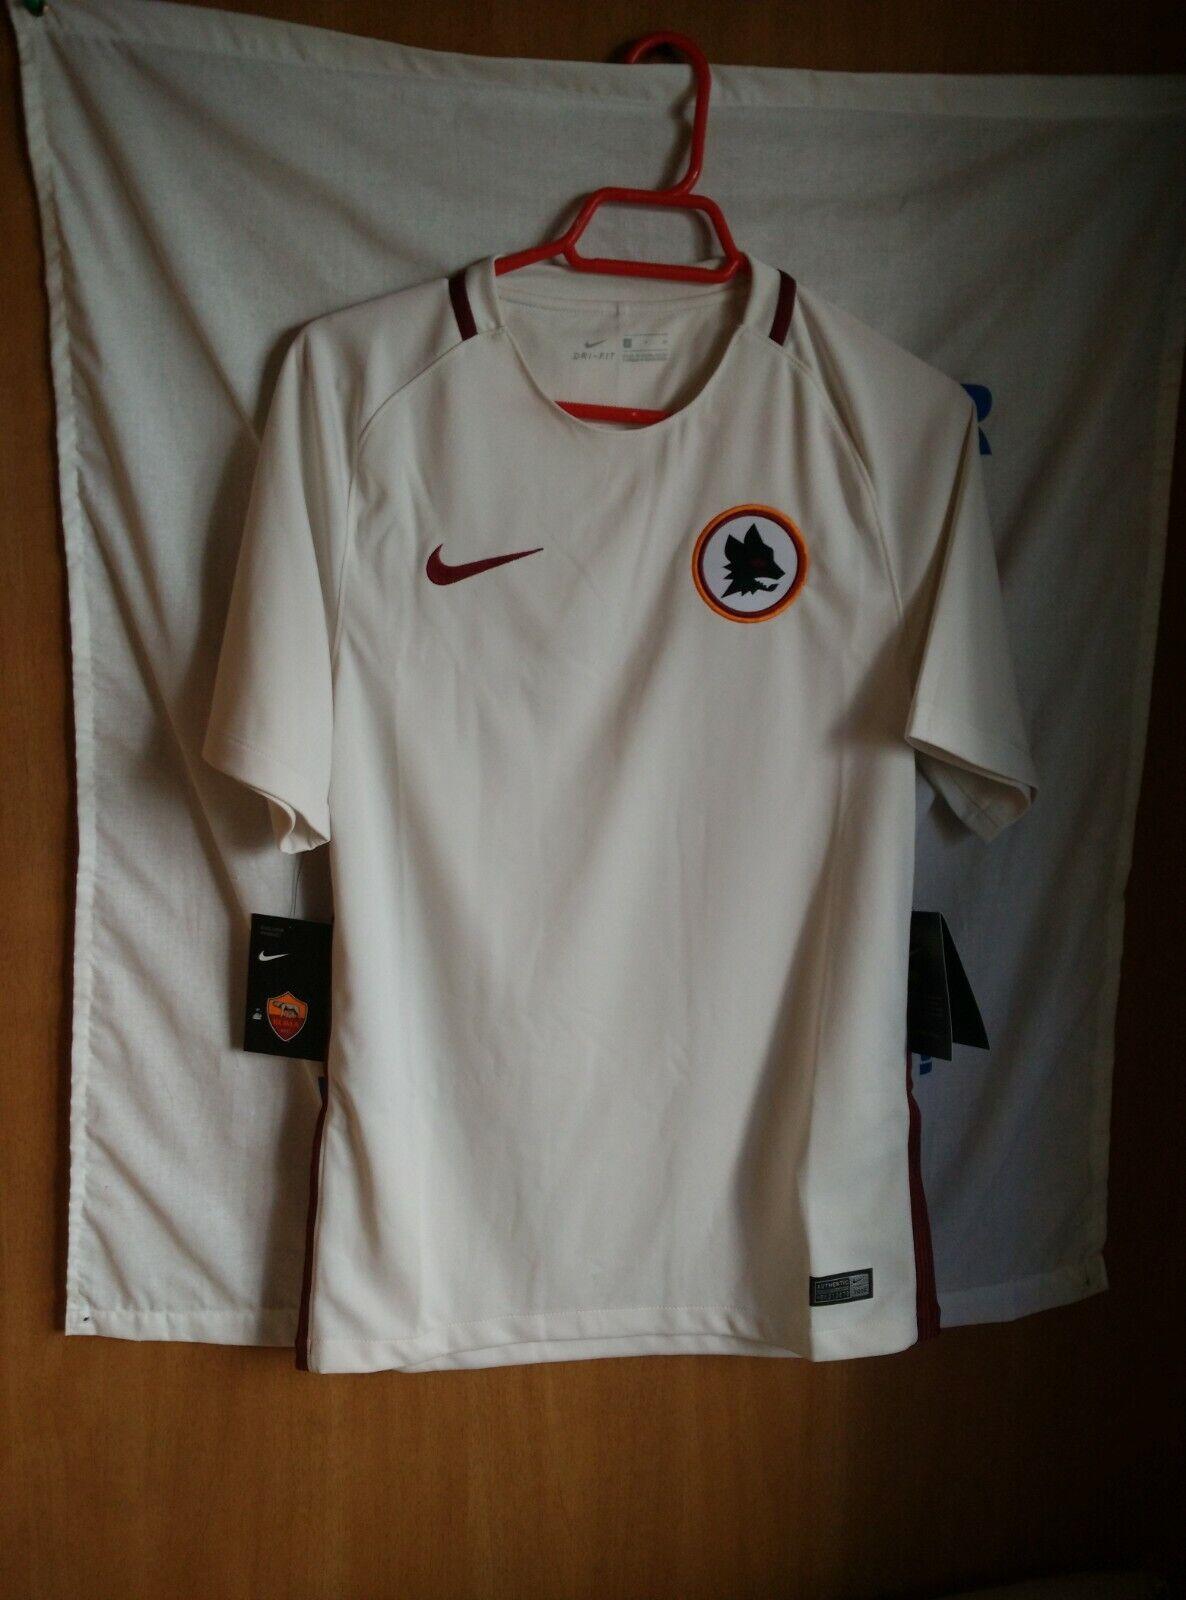 Nueva - New   Original   Camiseta futbol   Talla S  ...